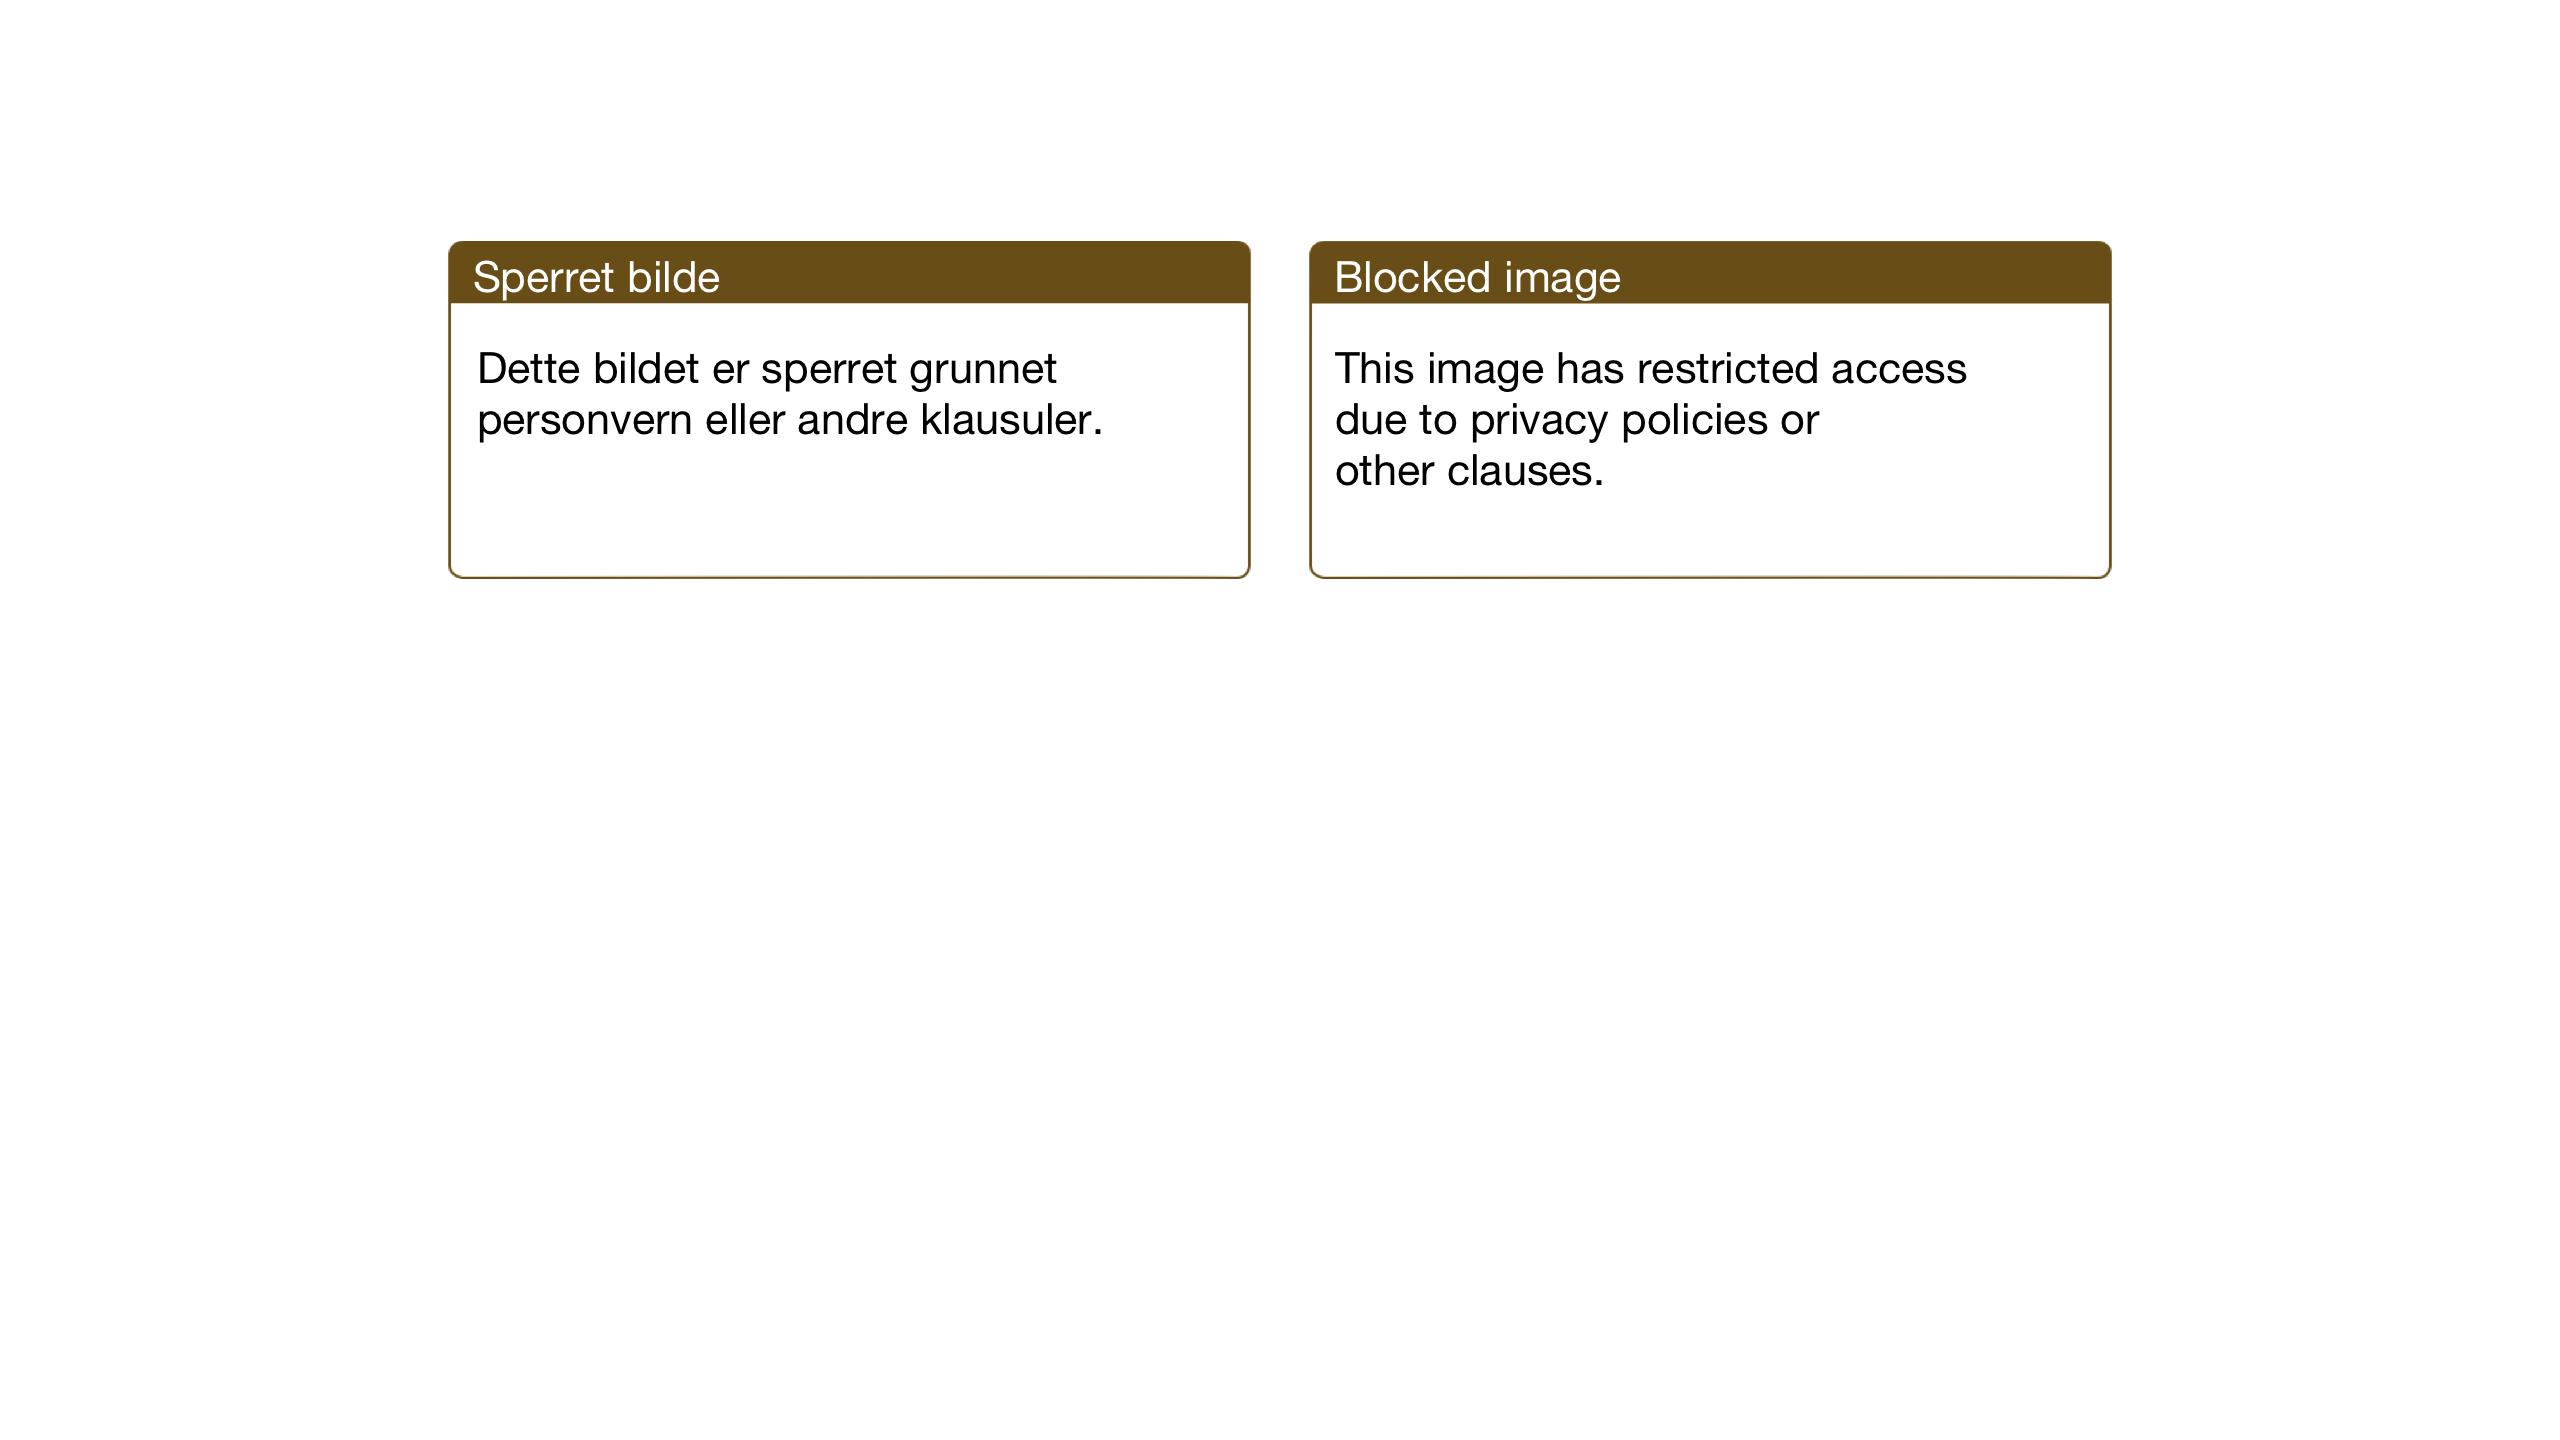 SAT, Ministerialprotokoller, klokkerbøker og fødselsregistre - Sør-Trøndelag, 667/L0799: Klokkerbok nr. 667C04, 1929-1950, s. 22